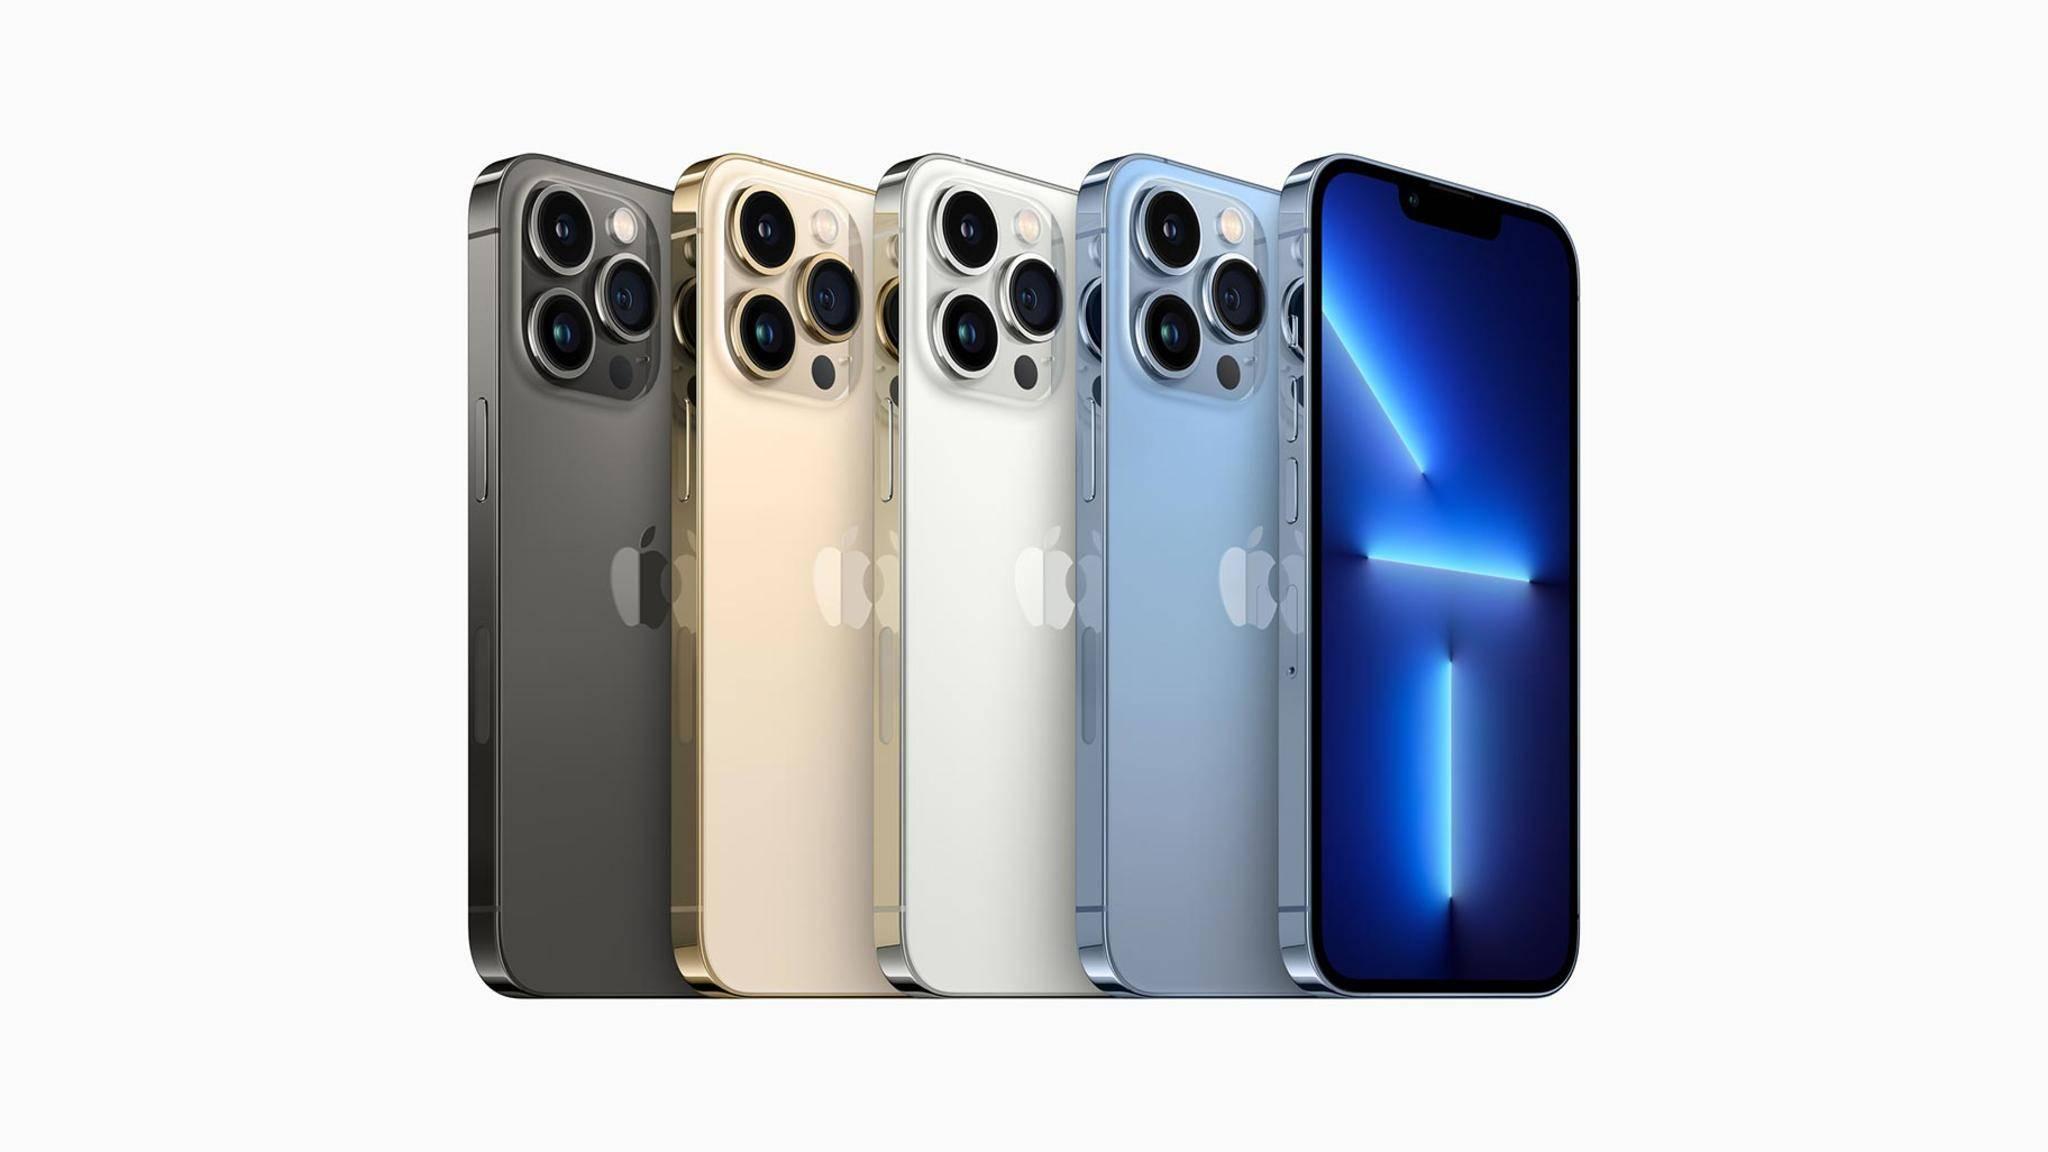 Das iPhone 13 Pro gibt es in vier Farben – erstmals auch in Sierrablau.